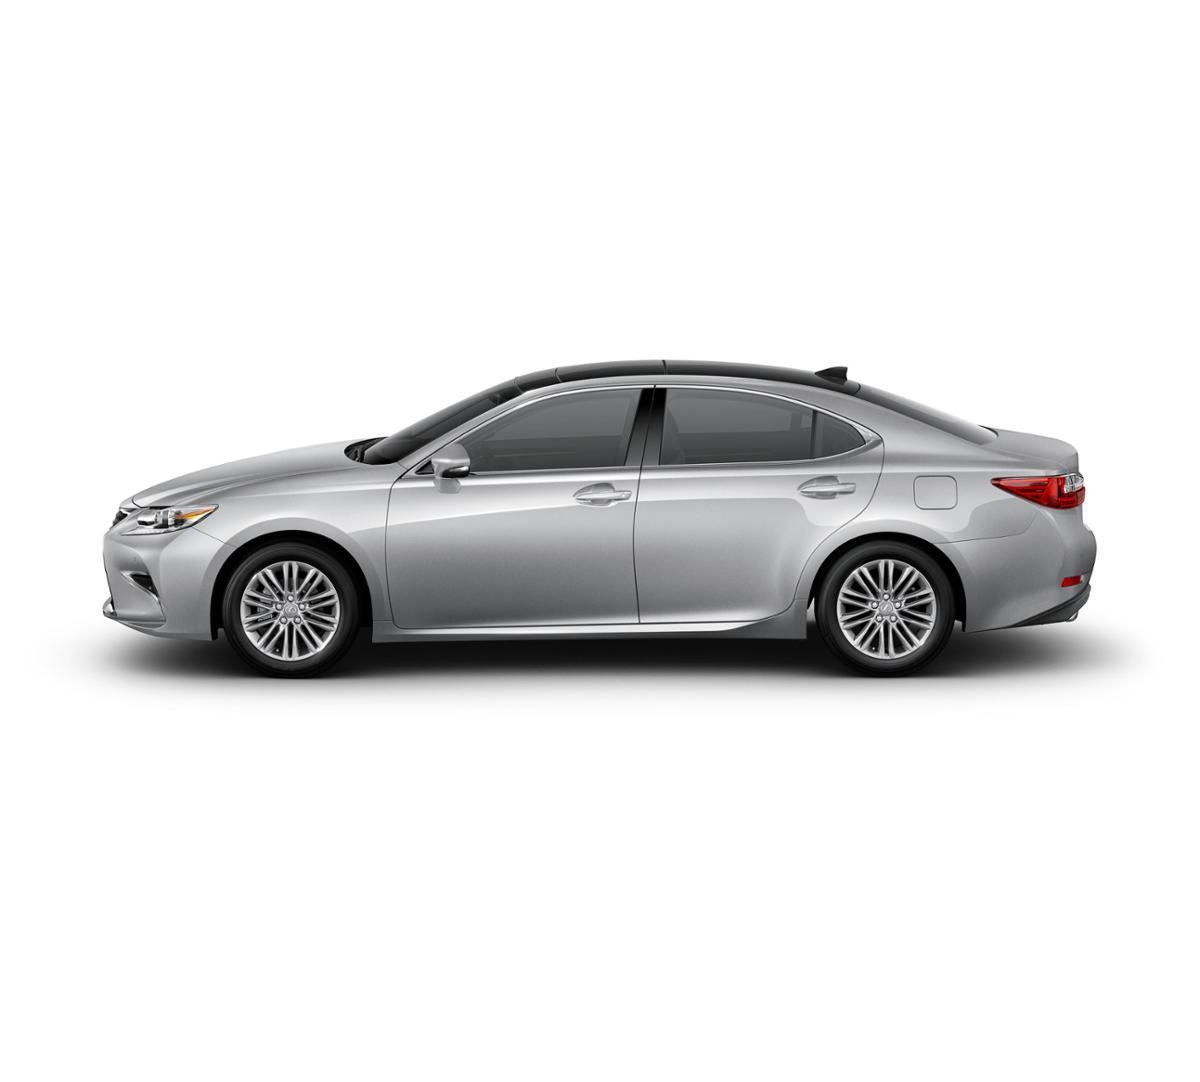 Owings Mills Lexus >> Owings Mills Silver Lining Metallic 2017 Lexus ES 350: Certified Car for Sale -TL26699